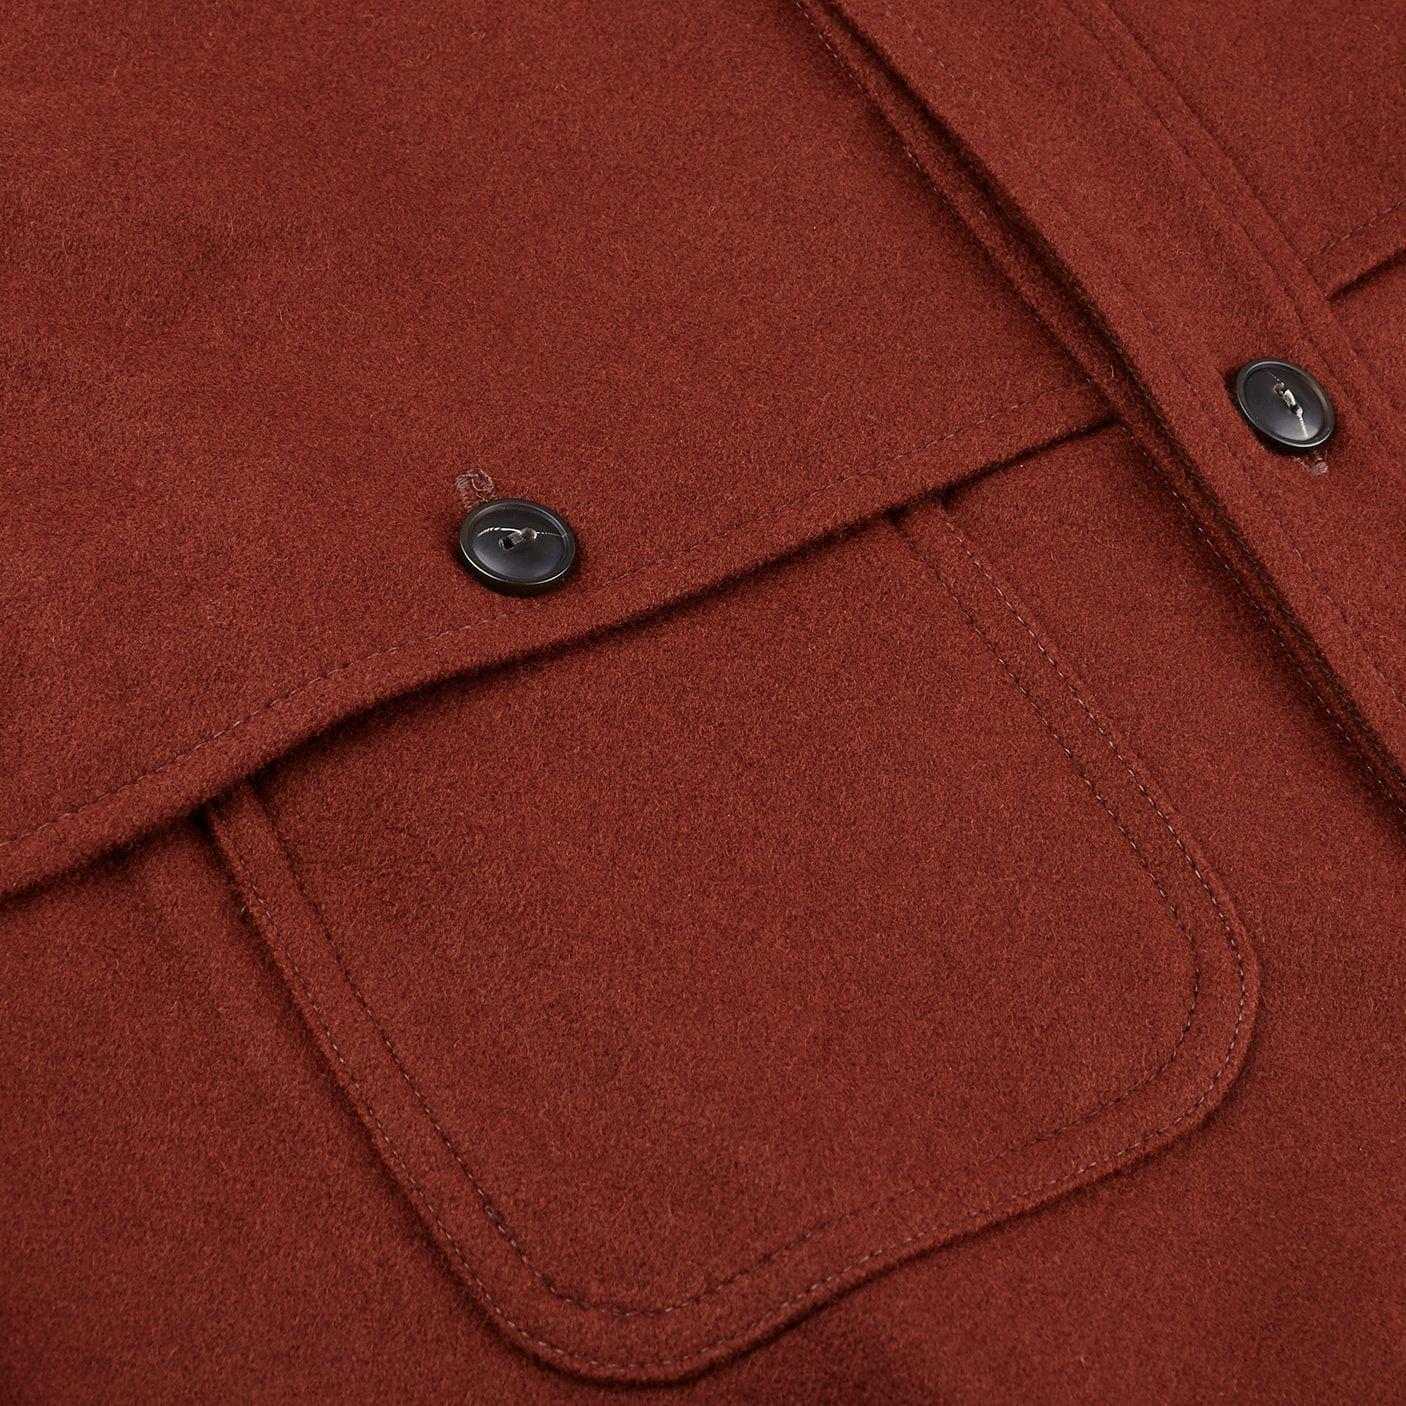 Pendleton Beige Tobacco Thomas Kay Wool Overshirt Pocket